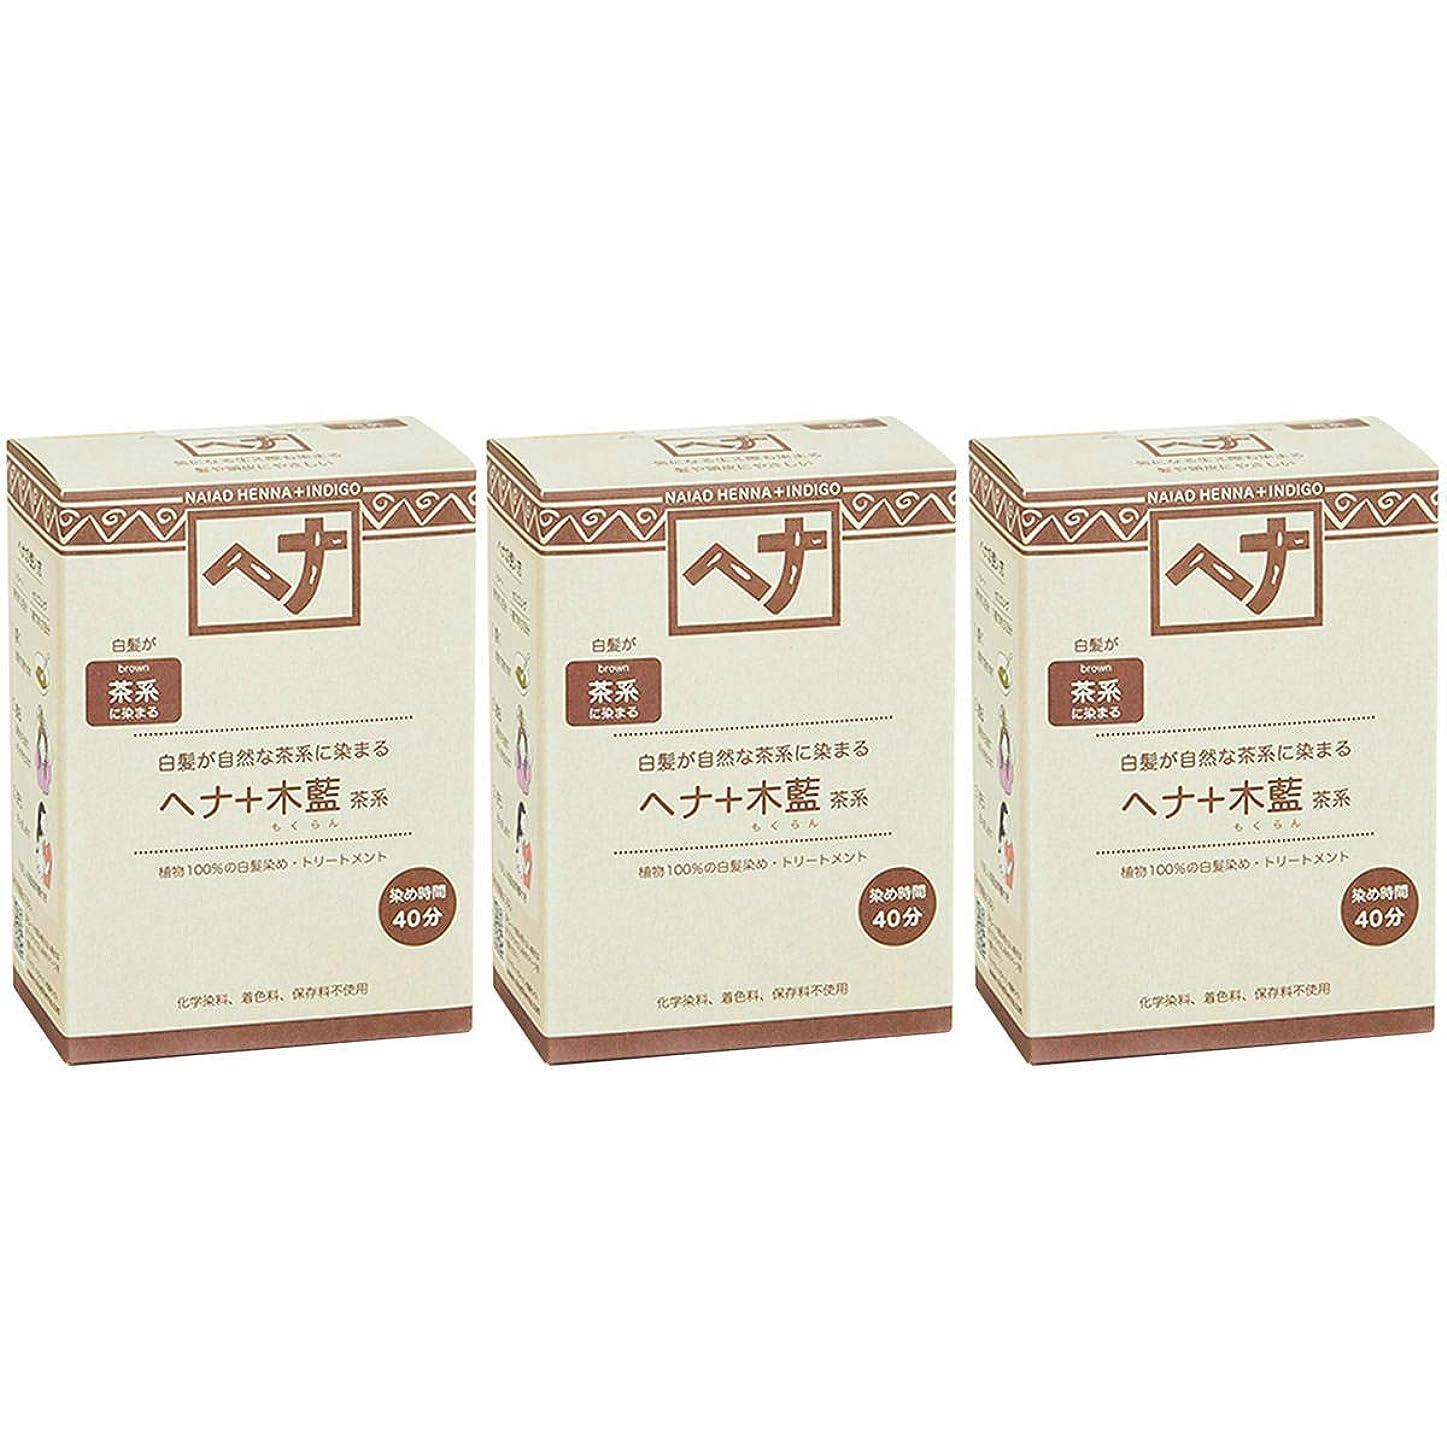 いういつ補うナイアード ヘナ + 木藍 茶系 白髪が自然な茶系に染まる 100g 3個セット